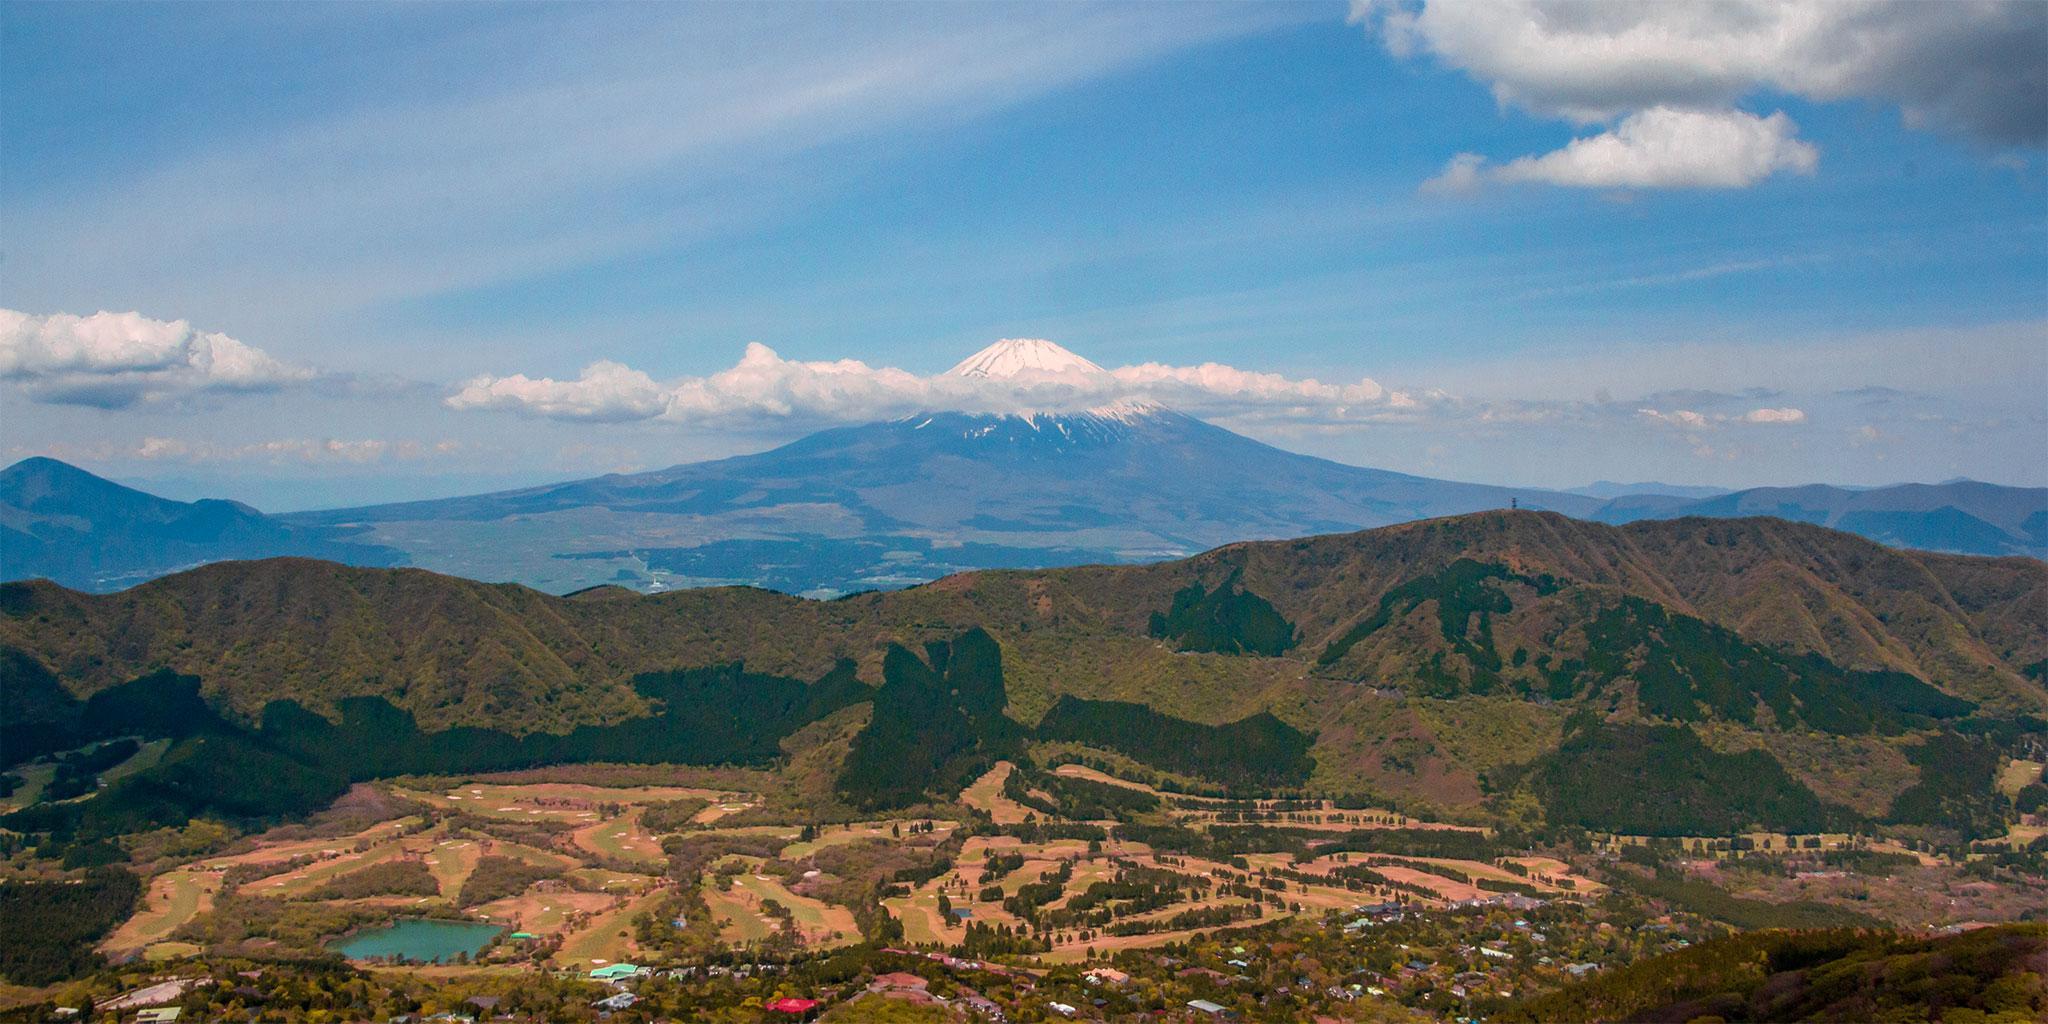 ヘリコプターから眺める富士山、箱根仙石原